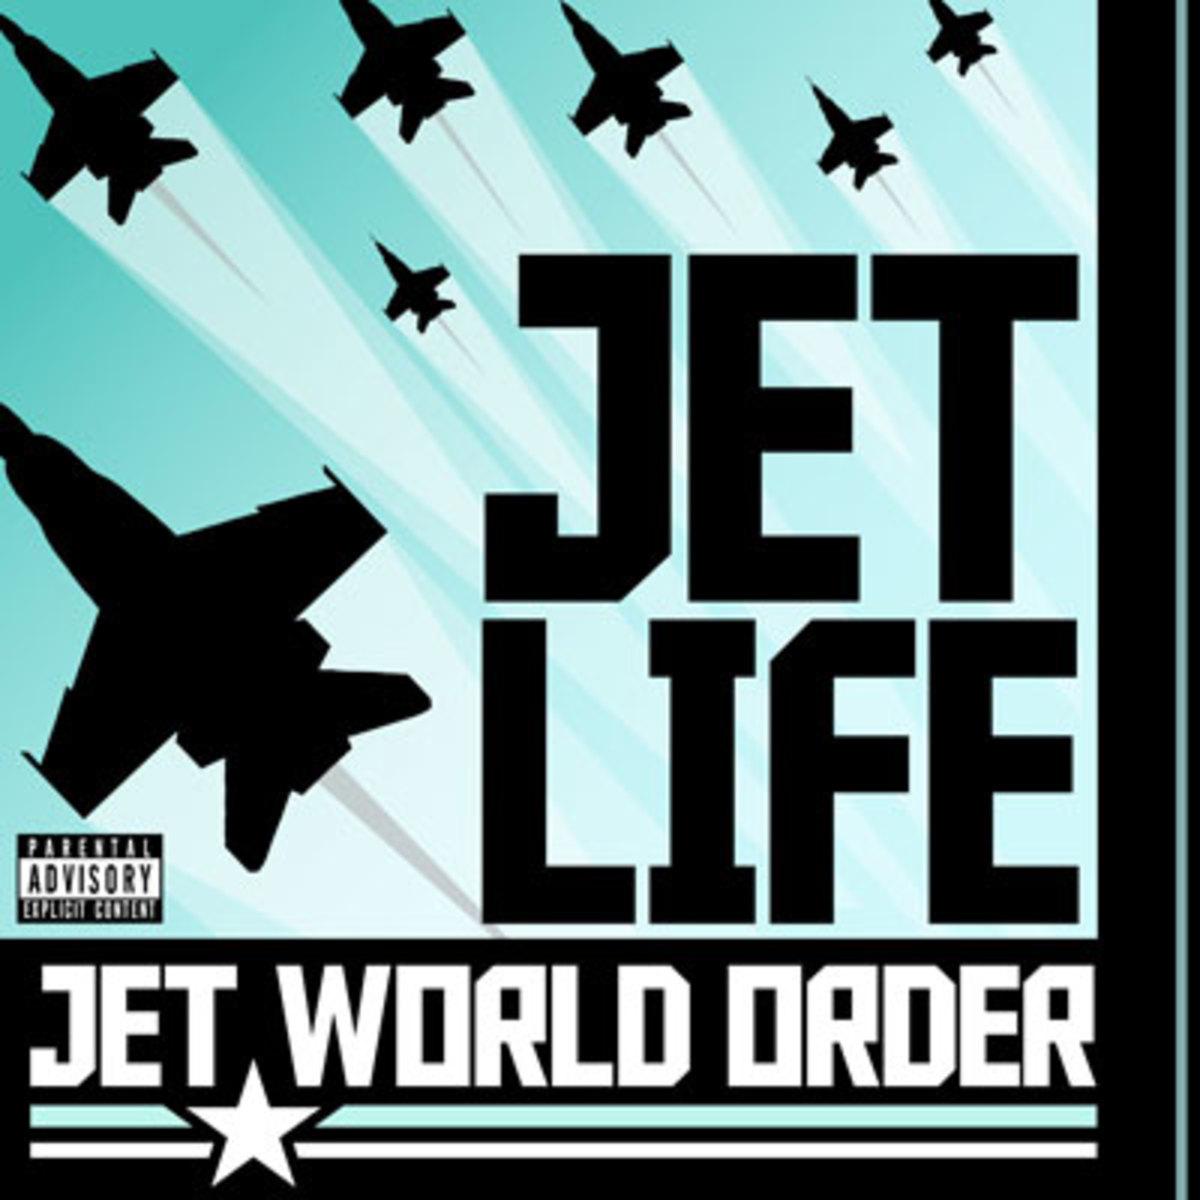 jetworldorder.jpg